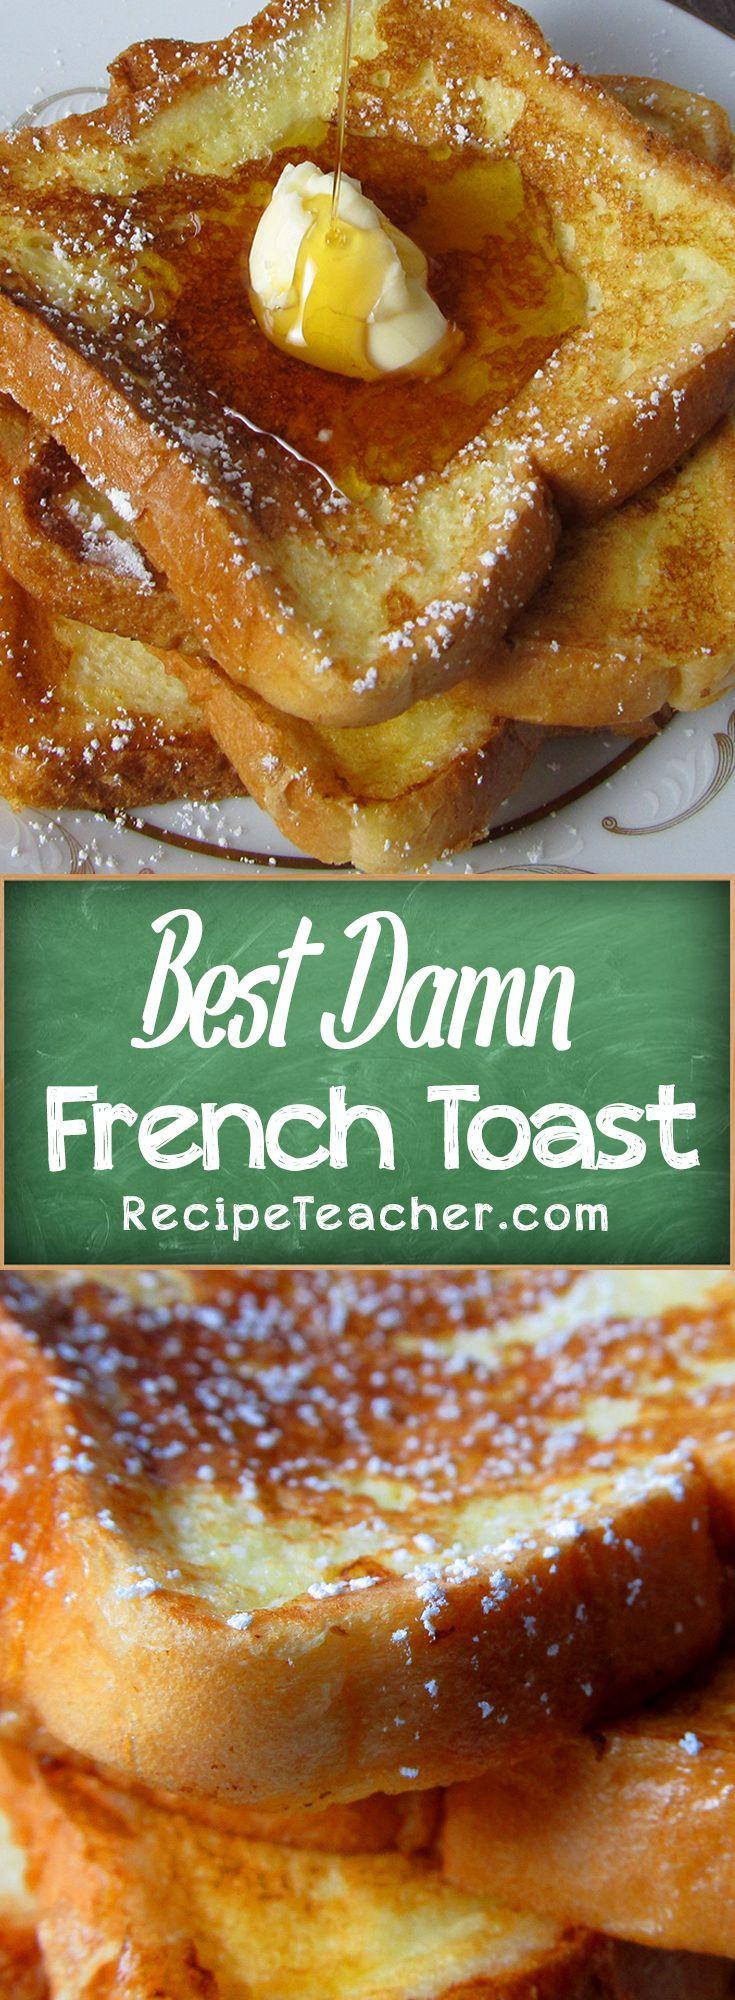 Einfaches Rezept für French Toast im Landhausstil. Das perfekte einfache Rezept für die Woc…